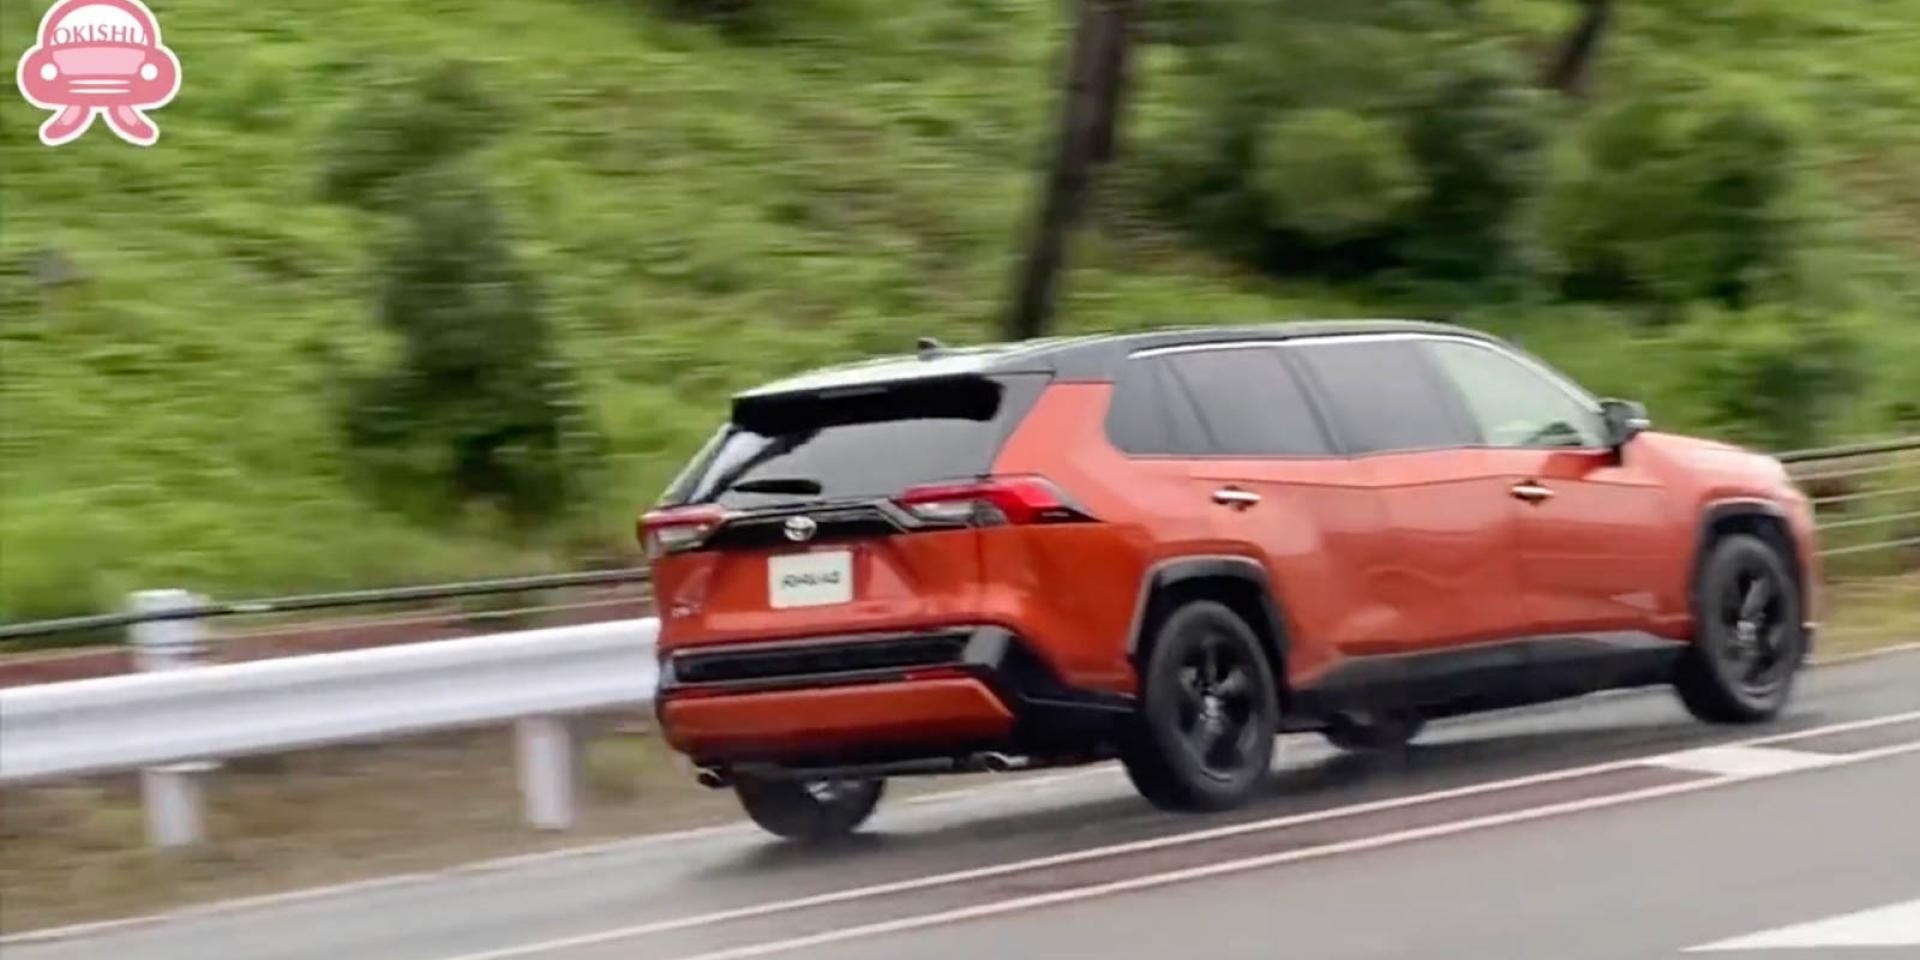 正Toyota日本工廠出產 非土炮改!全球唯一的原廠加長RAV4